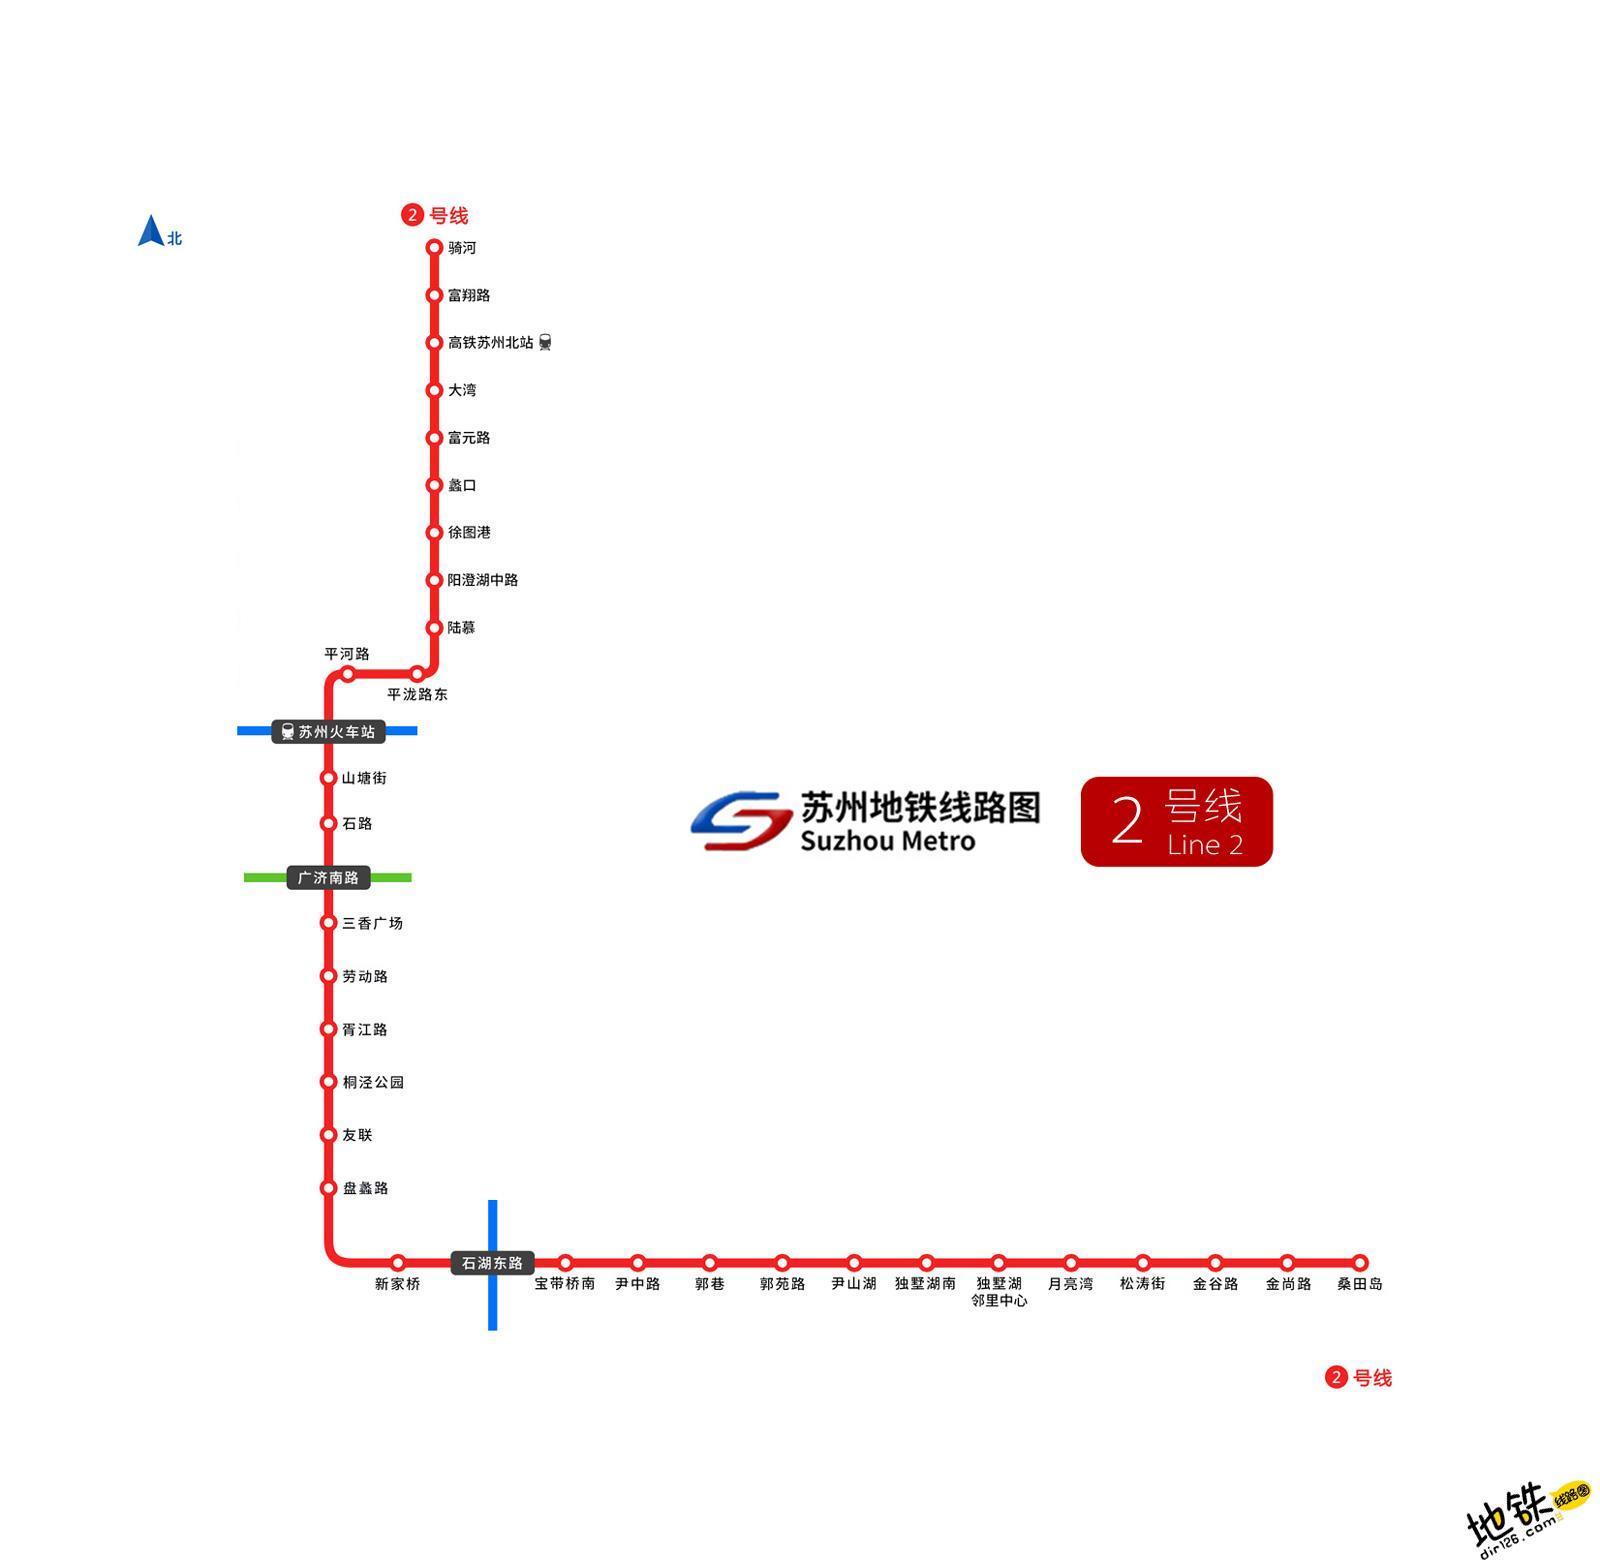 苏州地铁2号线线路图_运营时间票价站点_查询下载 苏州地铁线路图 第2张